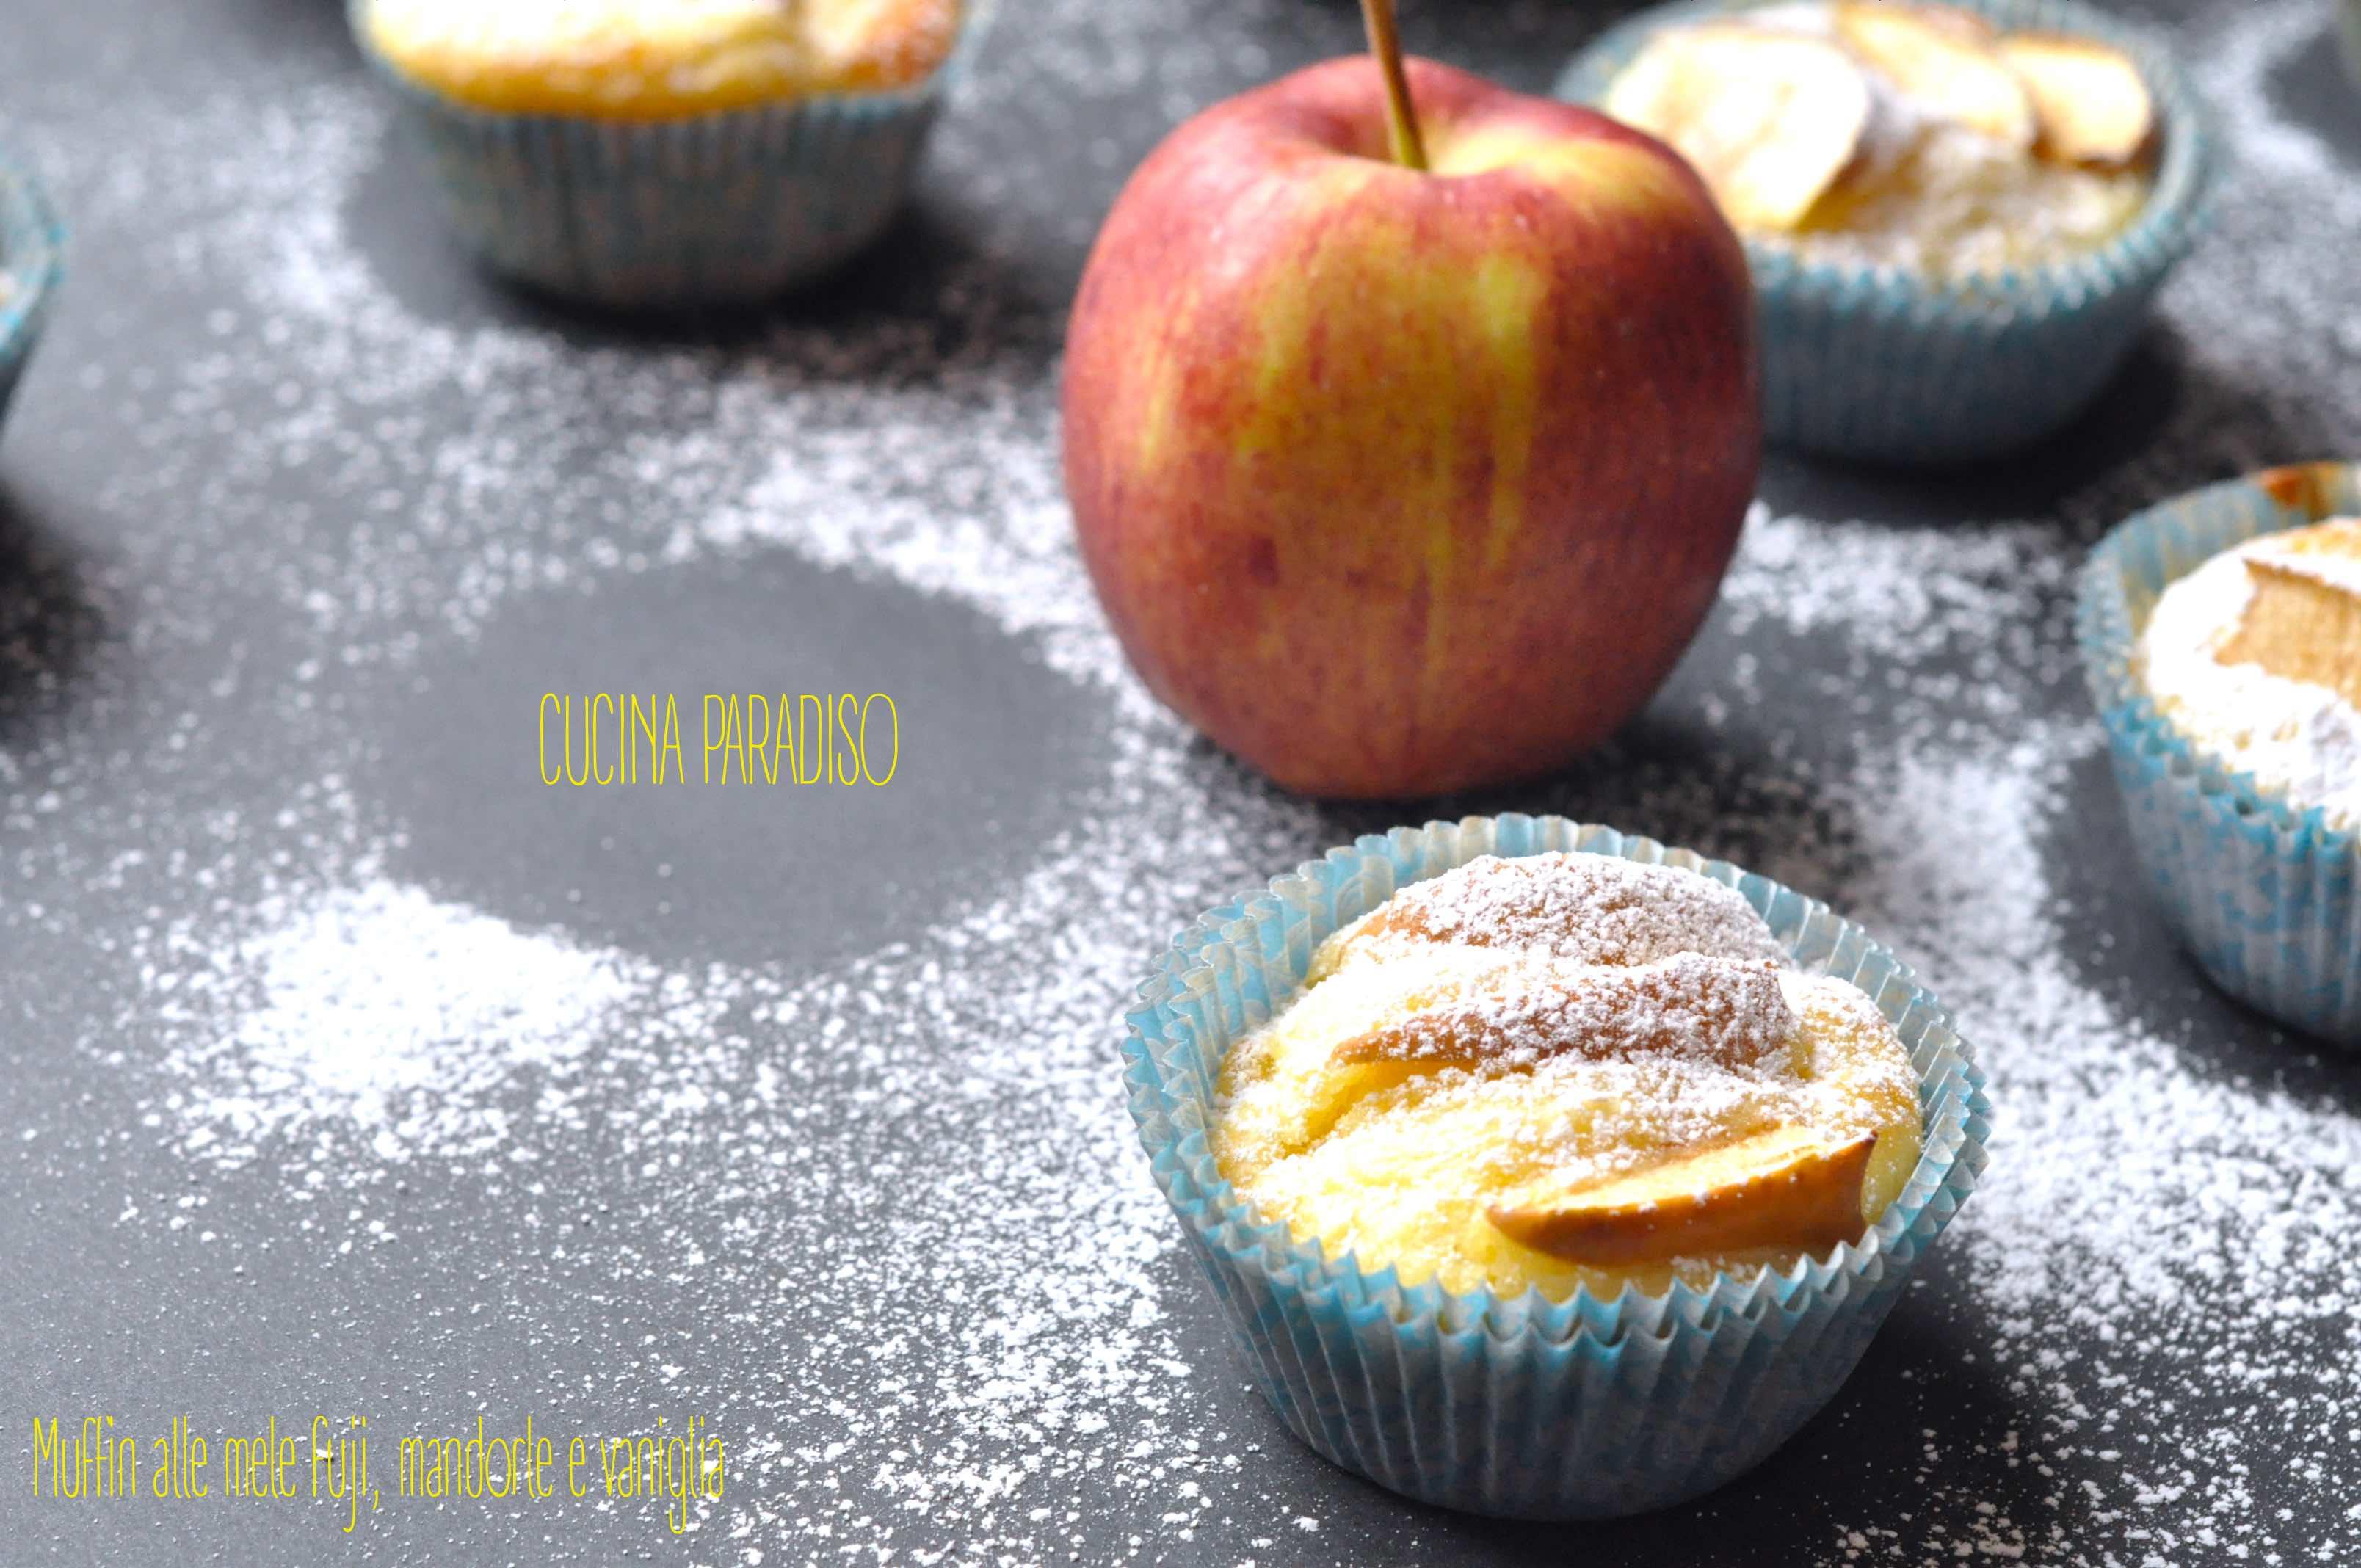 Muffin alle mele fuji, mandorle e vaniglia4